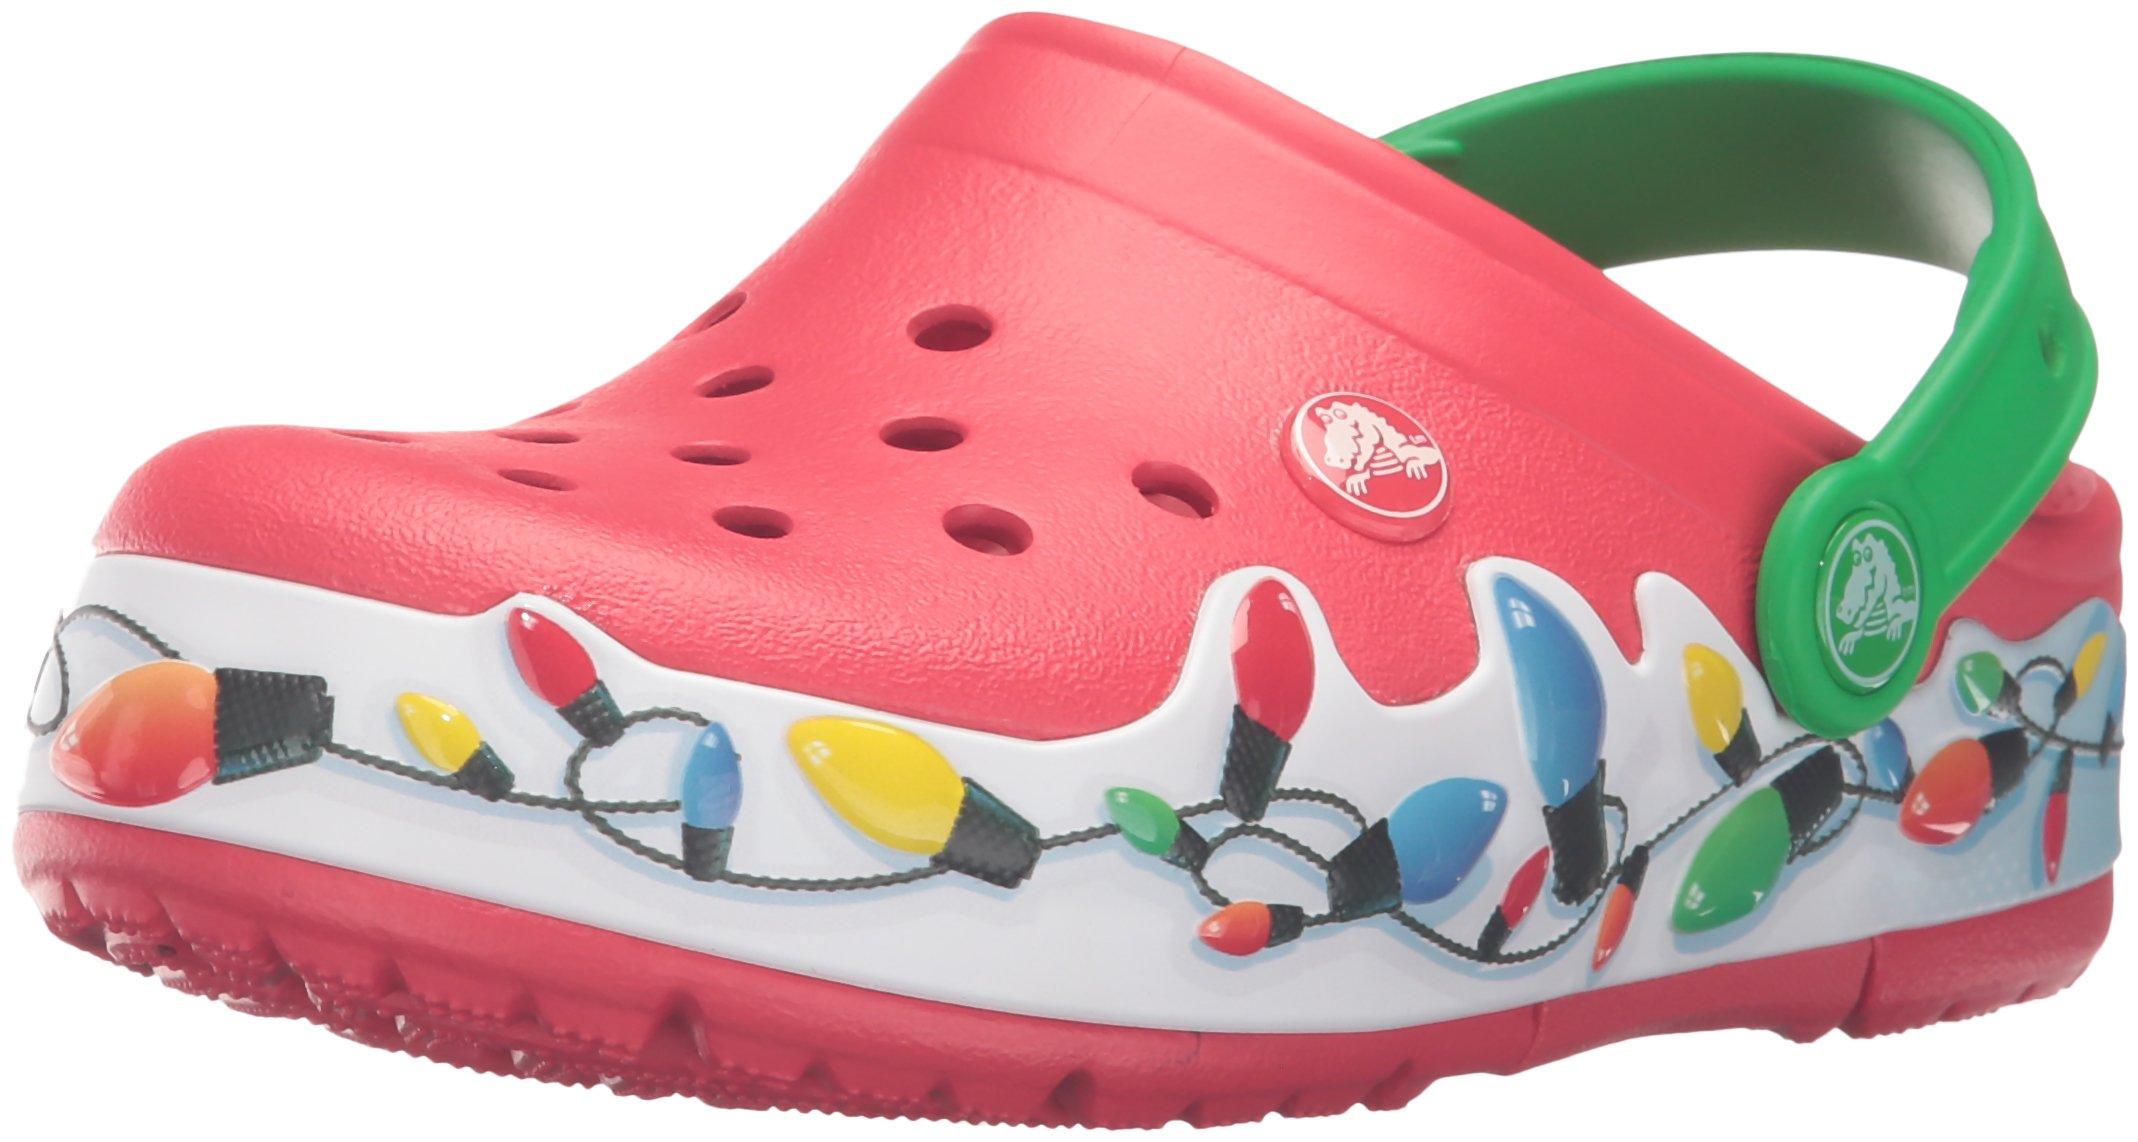 Crocs Lights Holiday Clog (Toddler/Little Kid), Multi, 8 M US Toddler